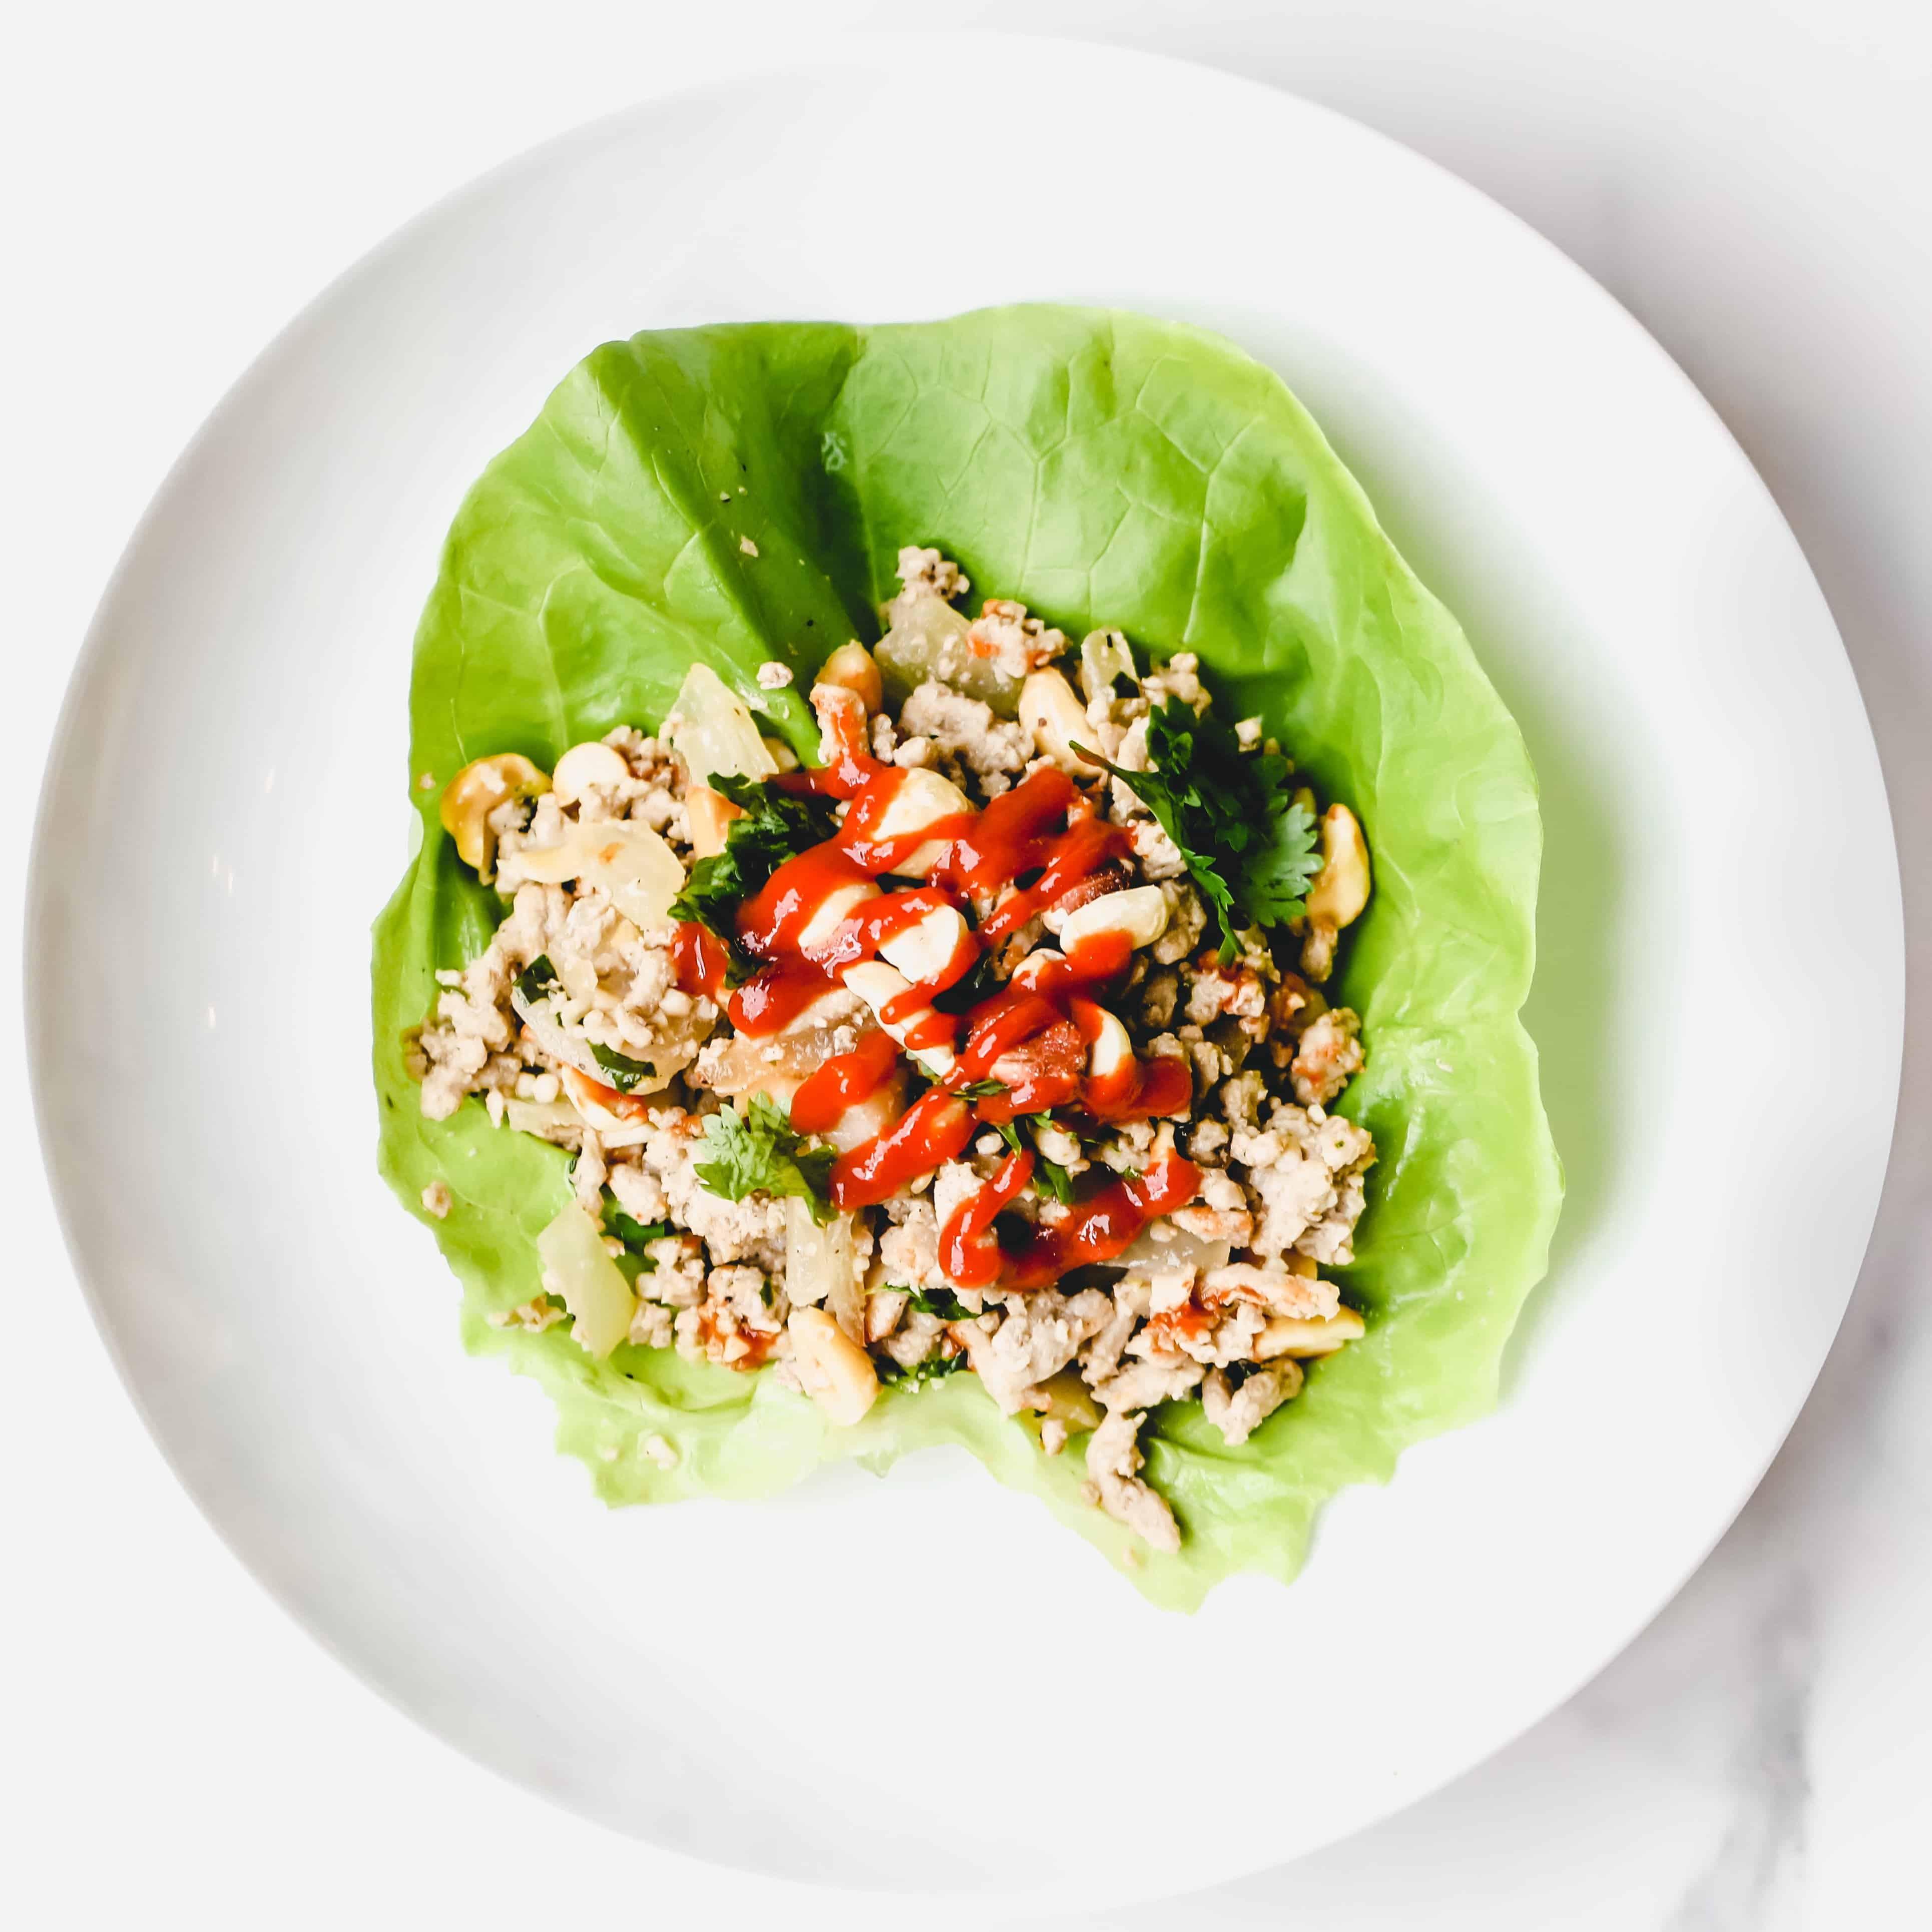 Thai Peanut Lettuce Wraps + 30 Minute Thyroid Cookbook